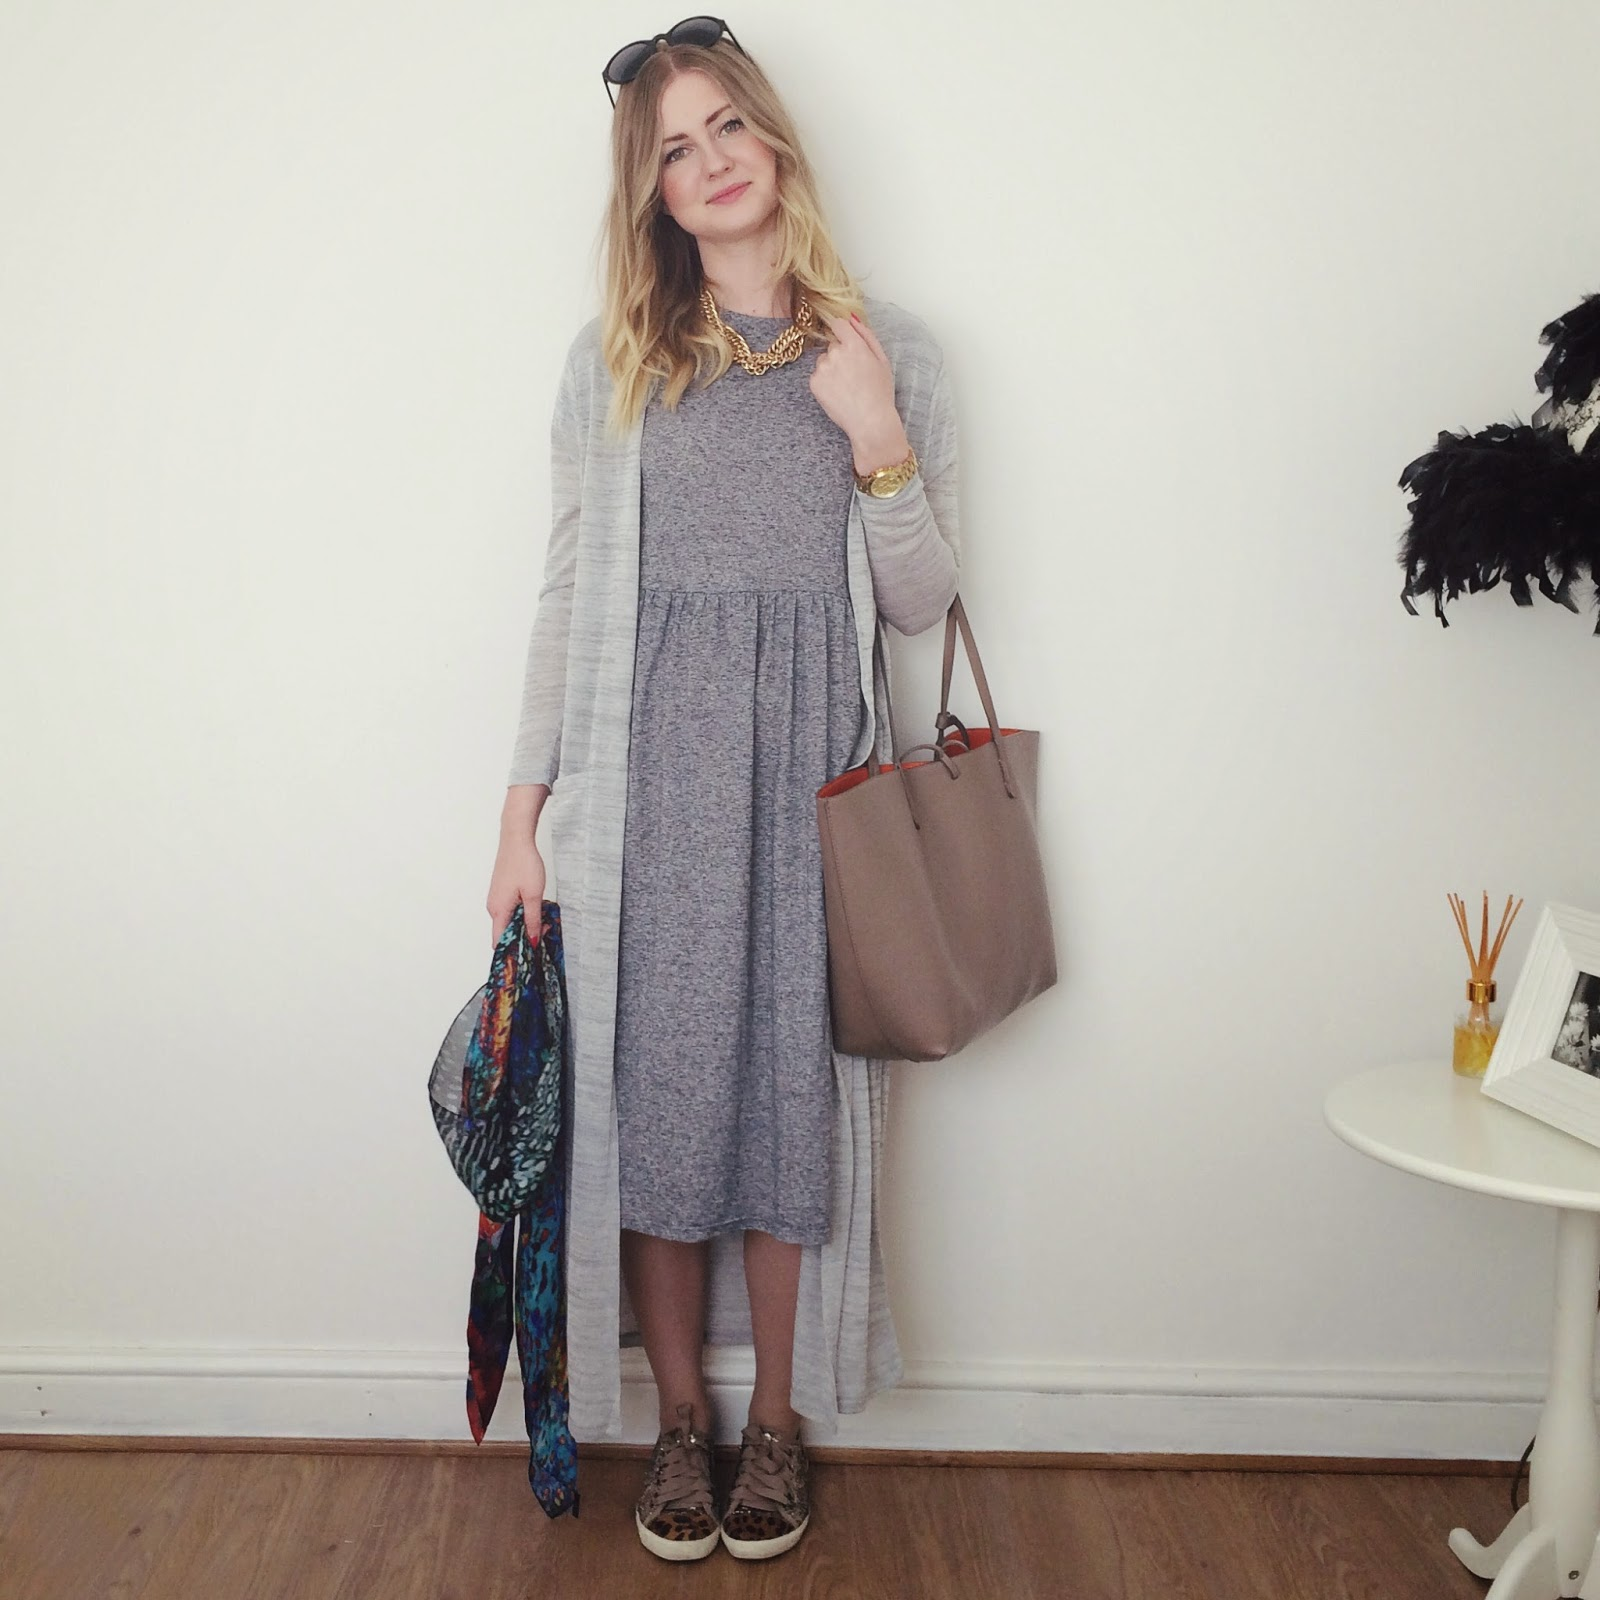 FashionFake, fashion bloggers, UK fashion blog